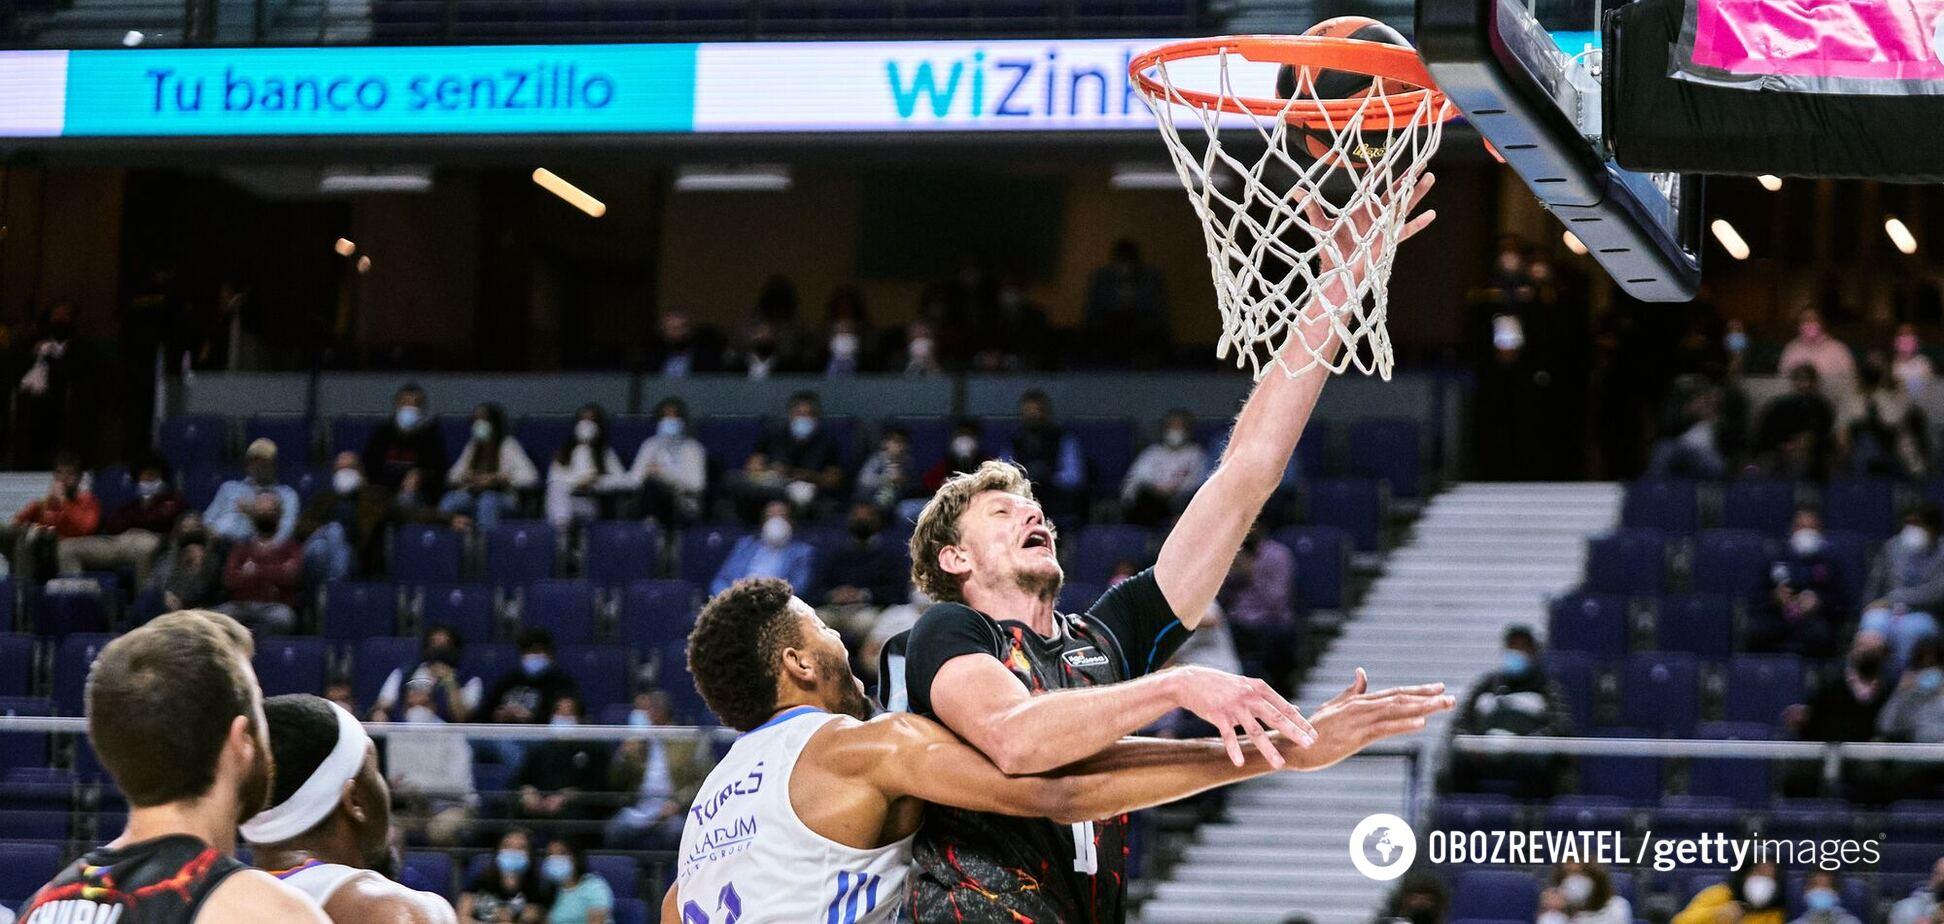 Українець приклав руку до перемоги над 'Реалом' у чемпіонаті Іспанії з баскетболу. Відео